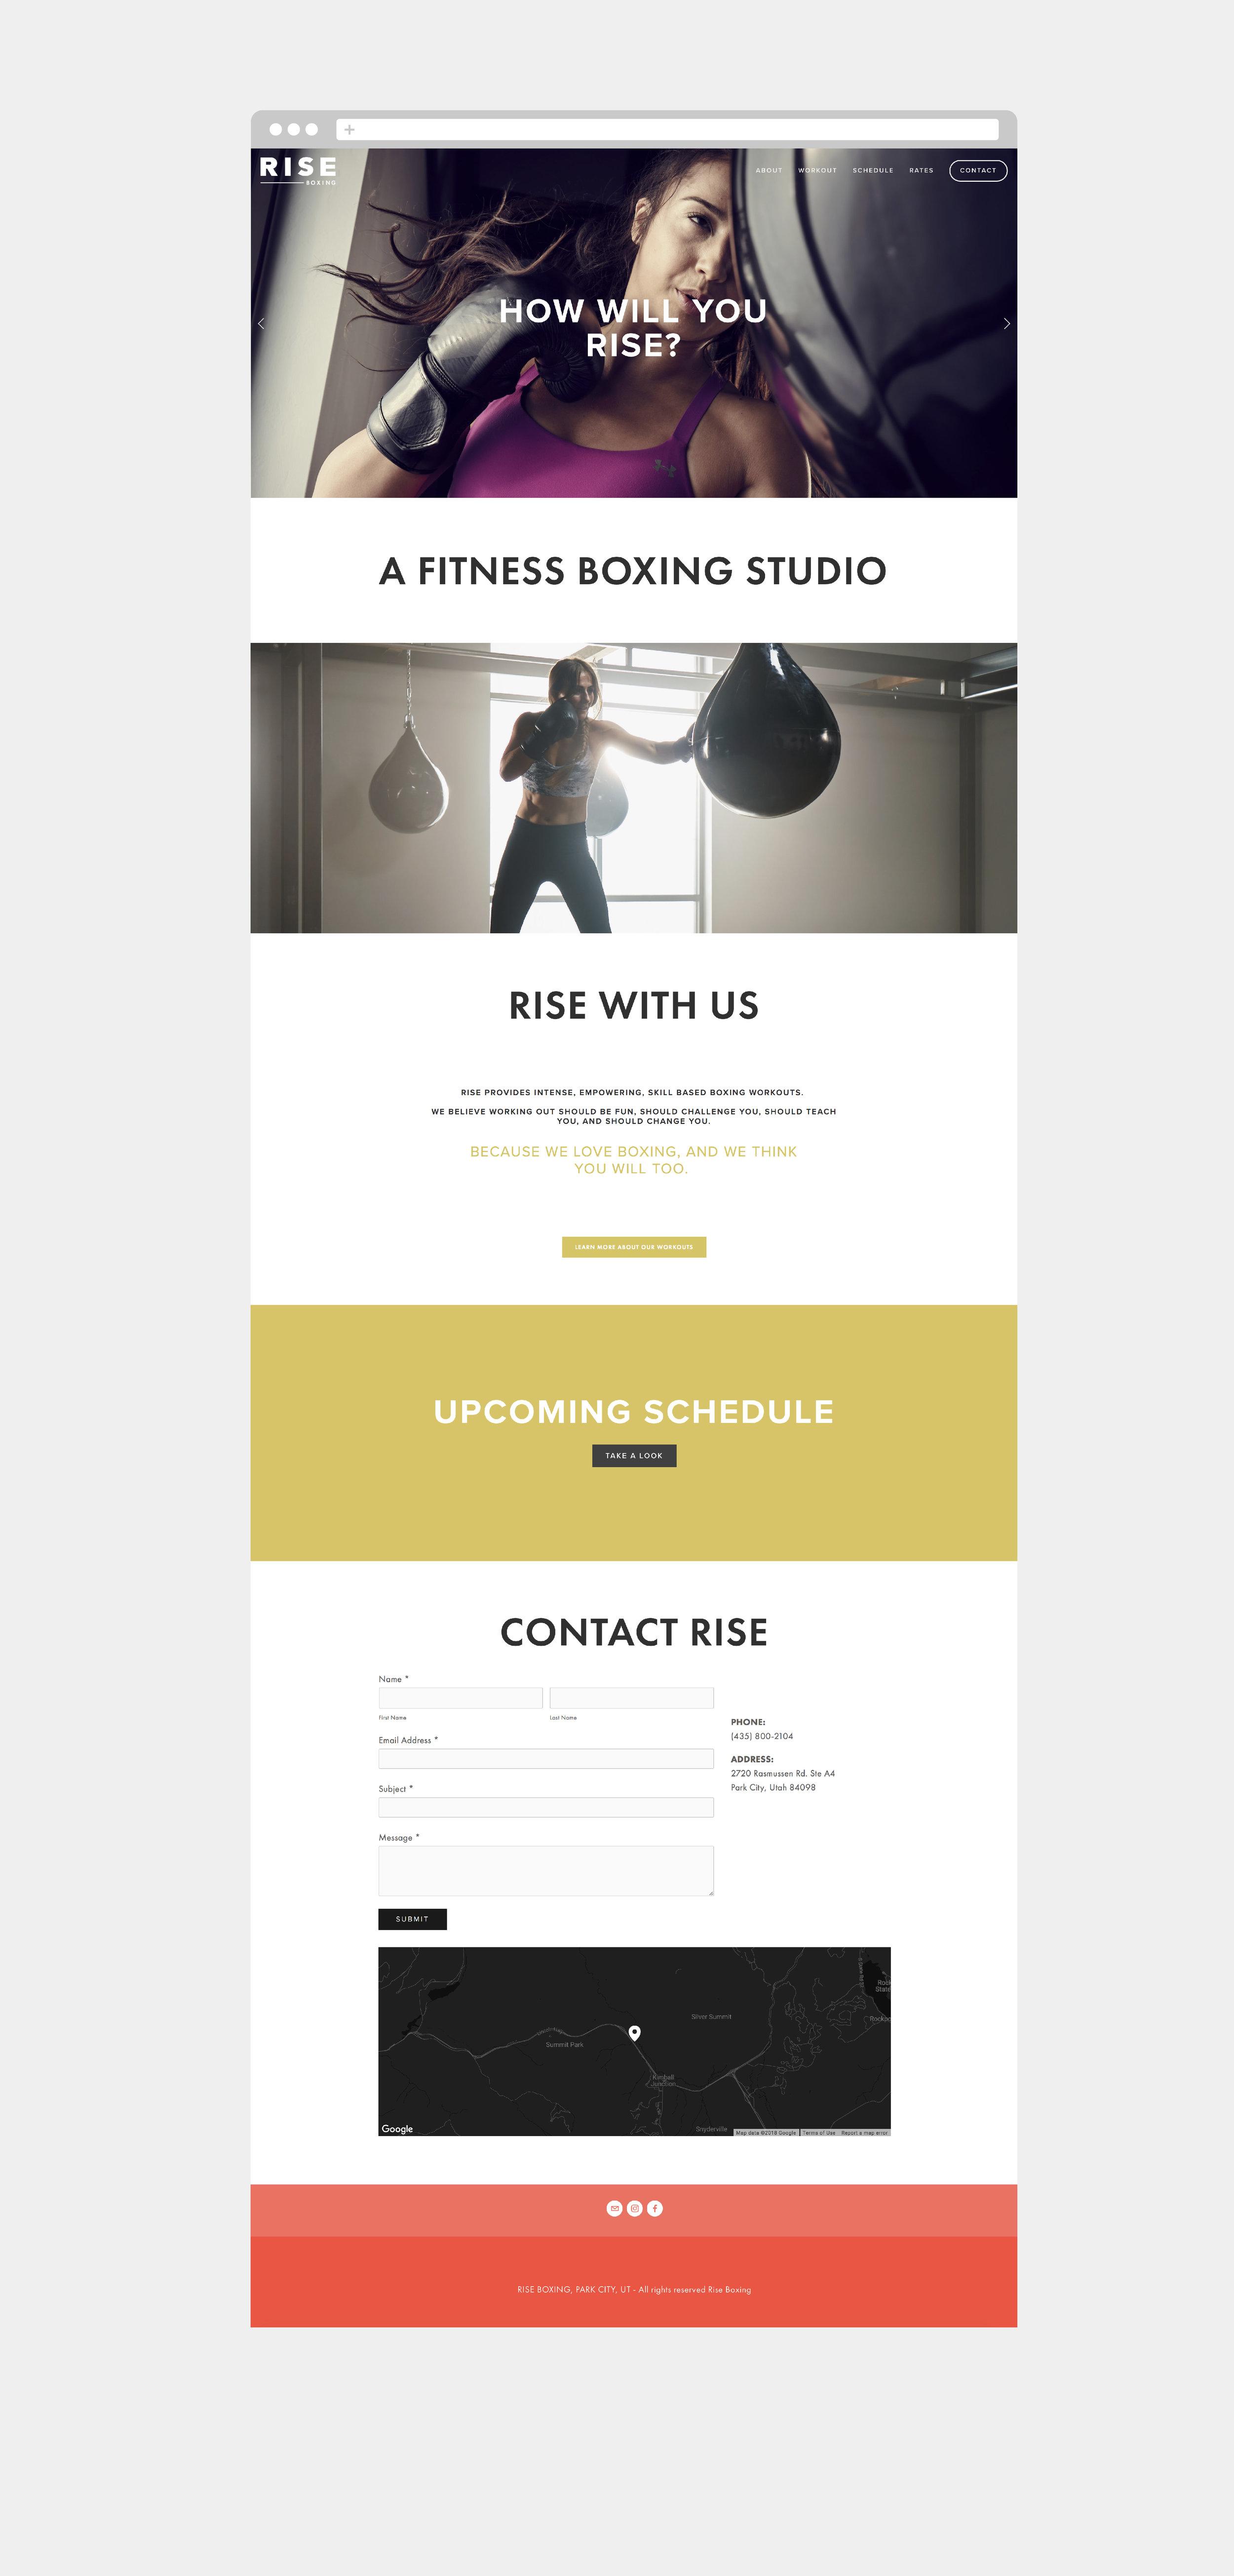 Rise_website-01.jpg